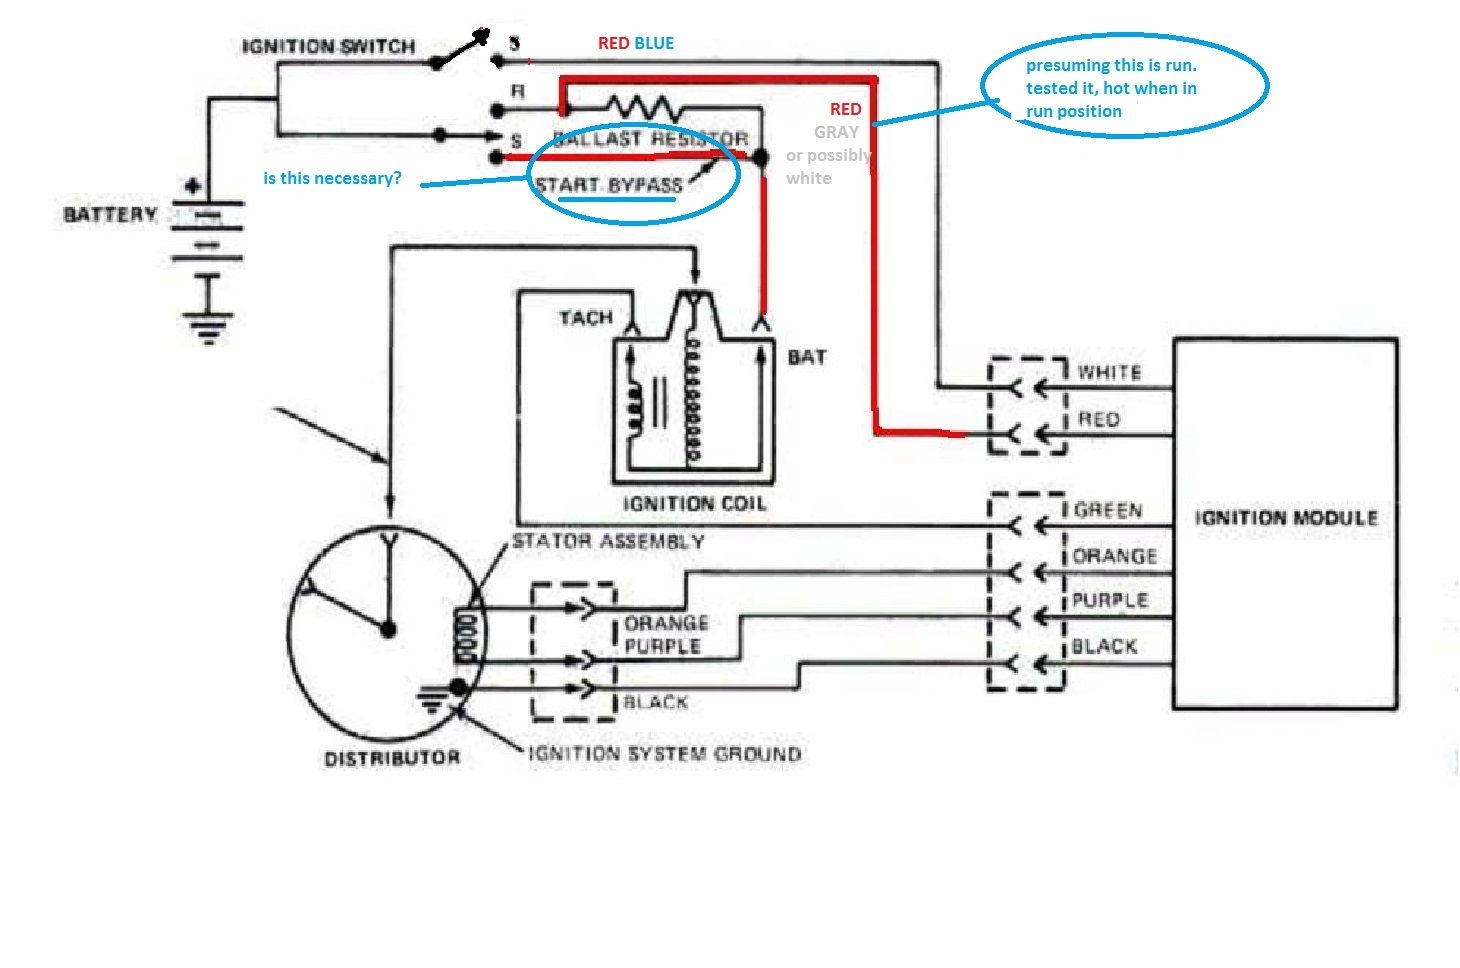 Garage wiring plans wiring diagrams schematics garage wiring schematic fusible switch wiring diagram database garage electrical plan wiring a workshop exelent 80 need wiring diagram image ideas image swarovskicordoba Choice Image